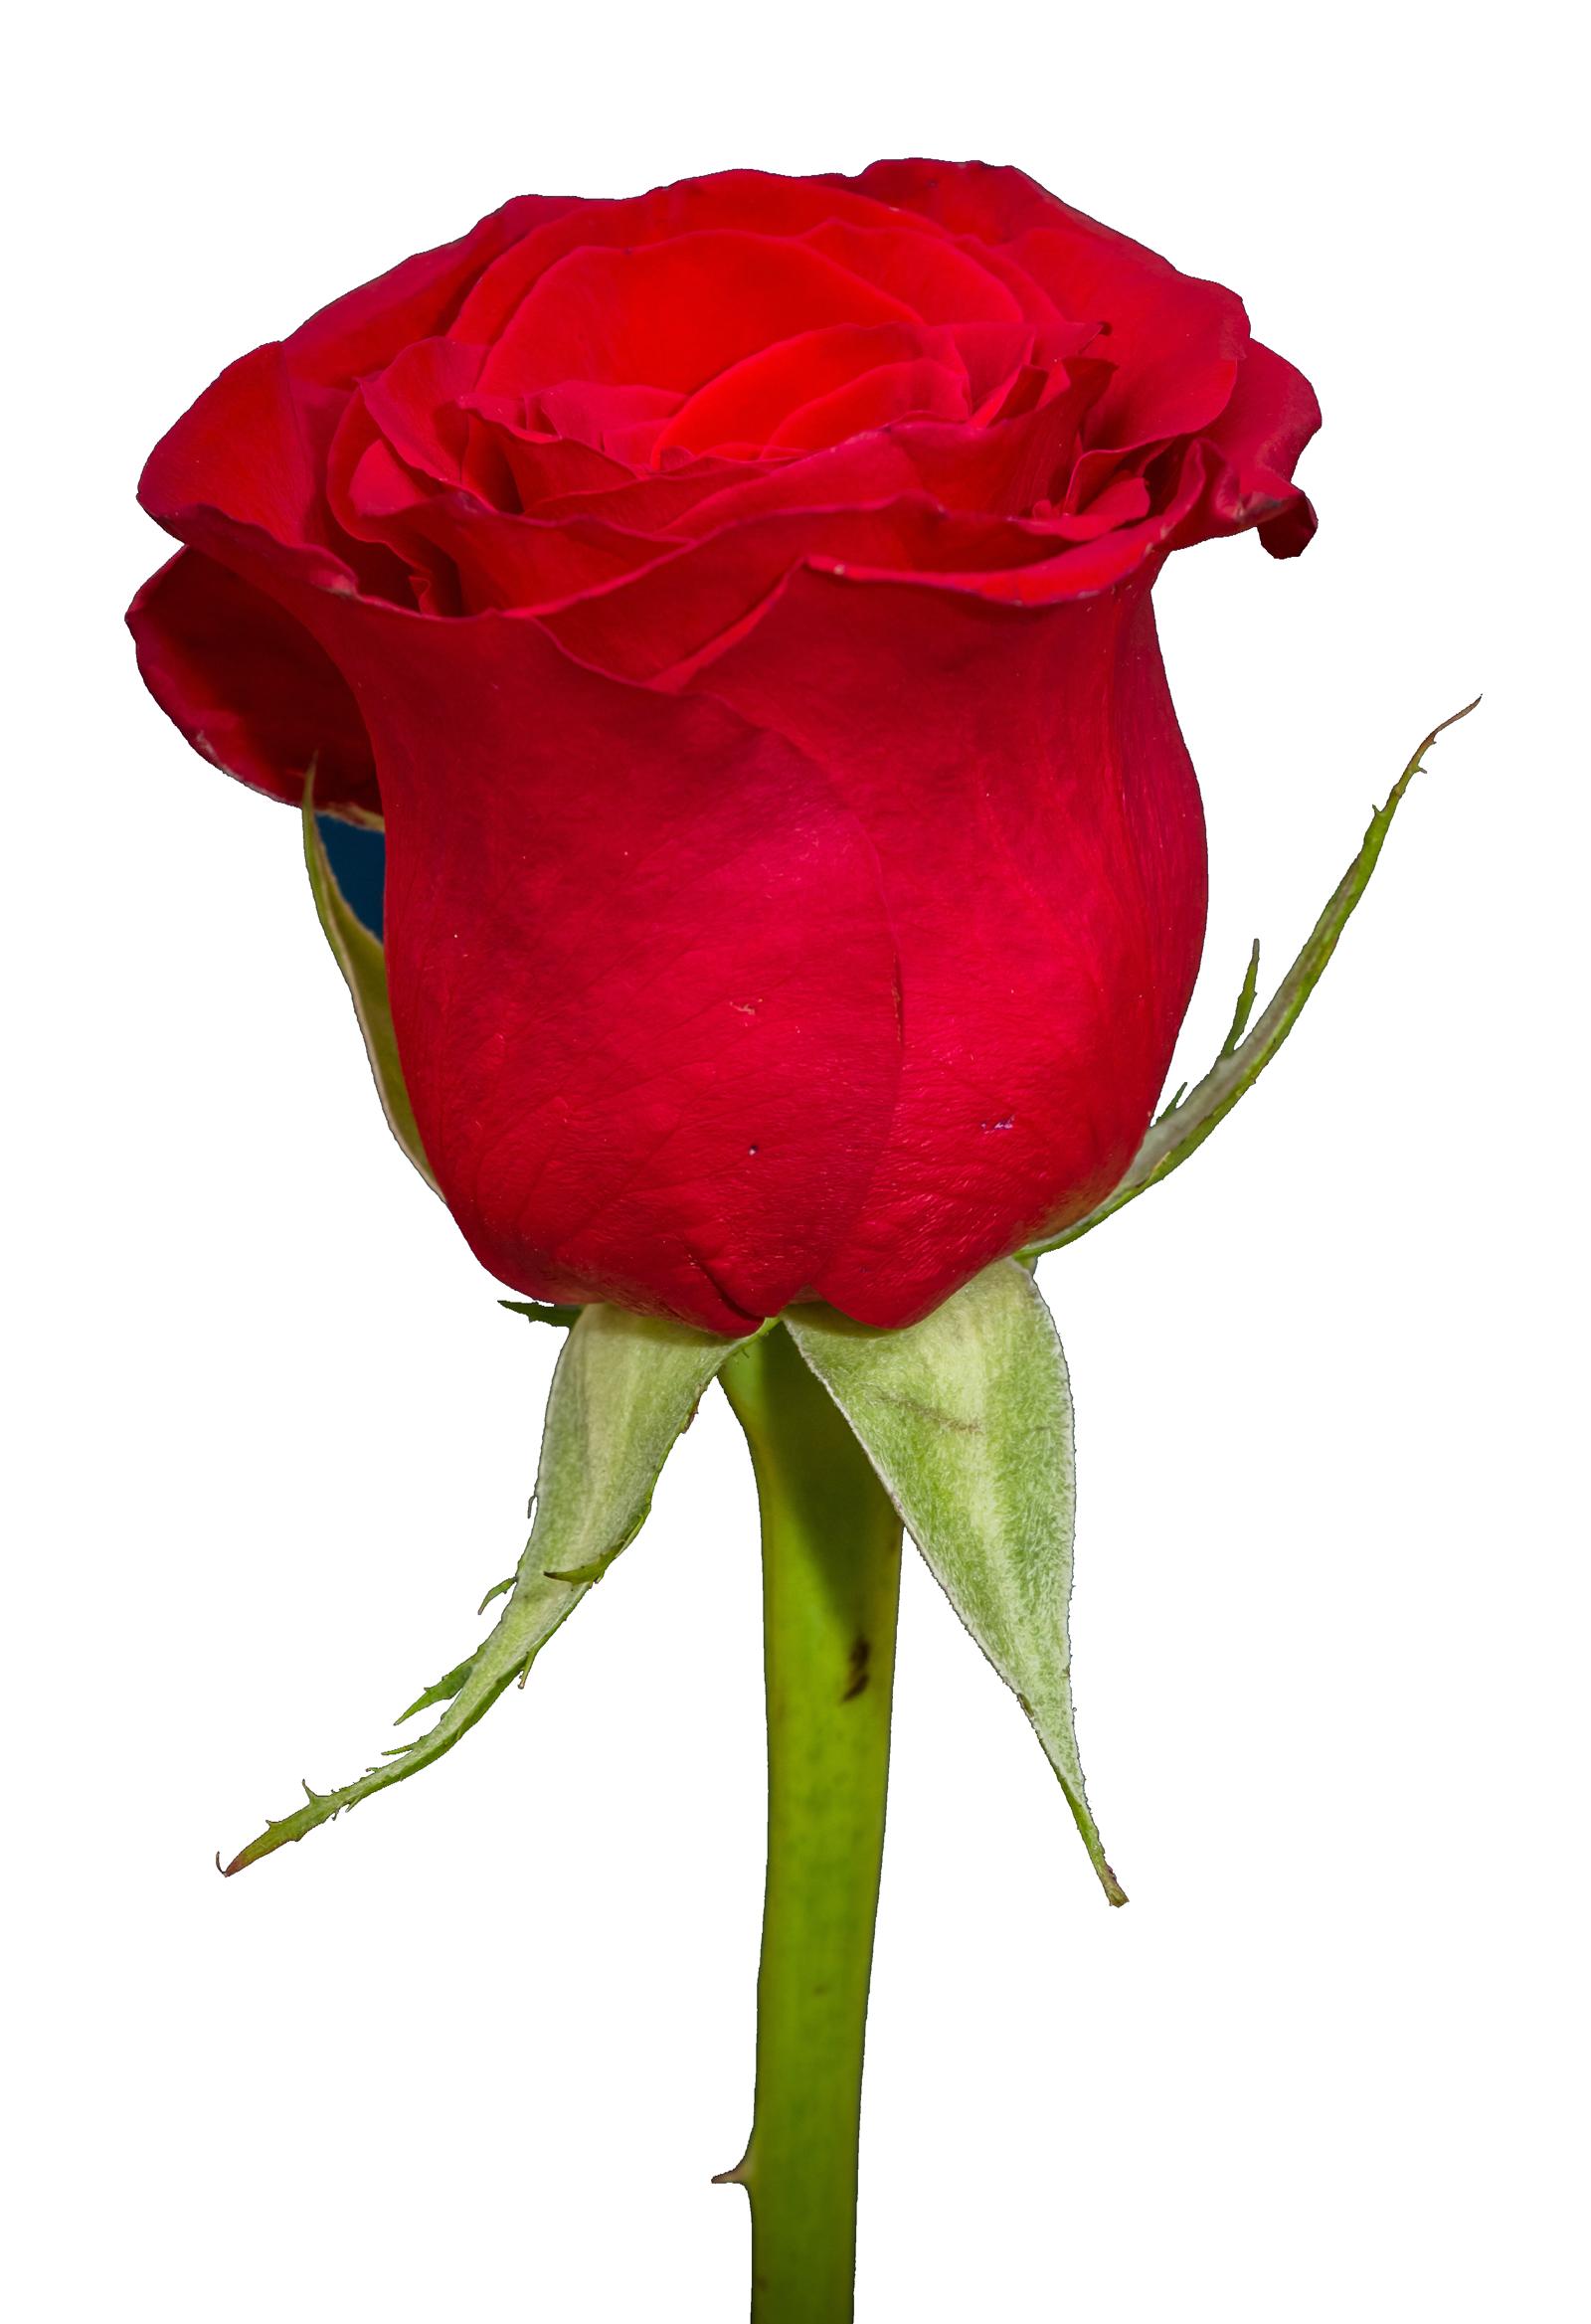 Rose Png Image Rose Flower Png Flower Png Images Flower Images